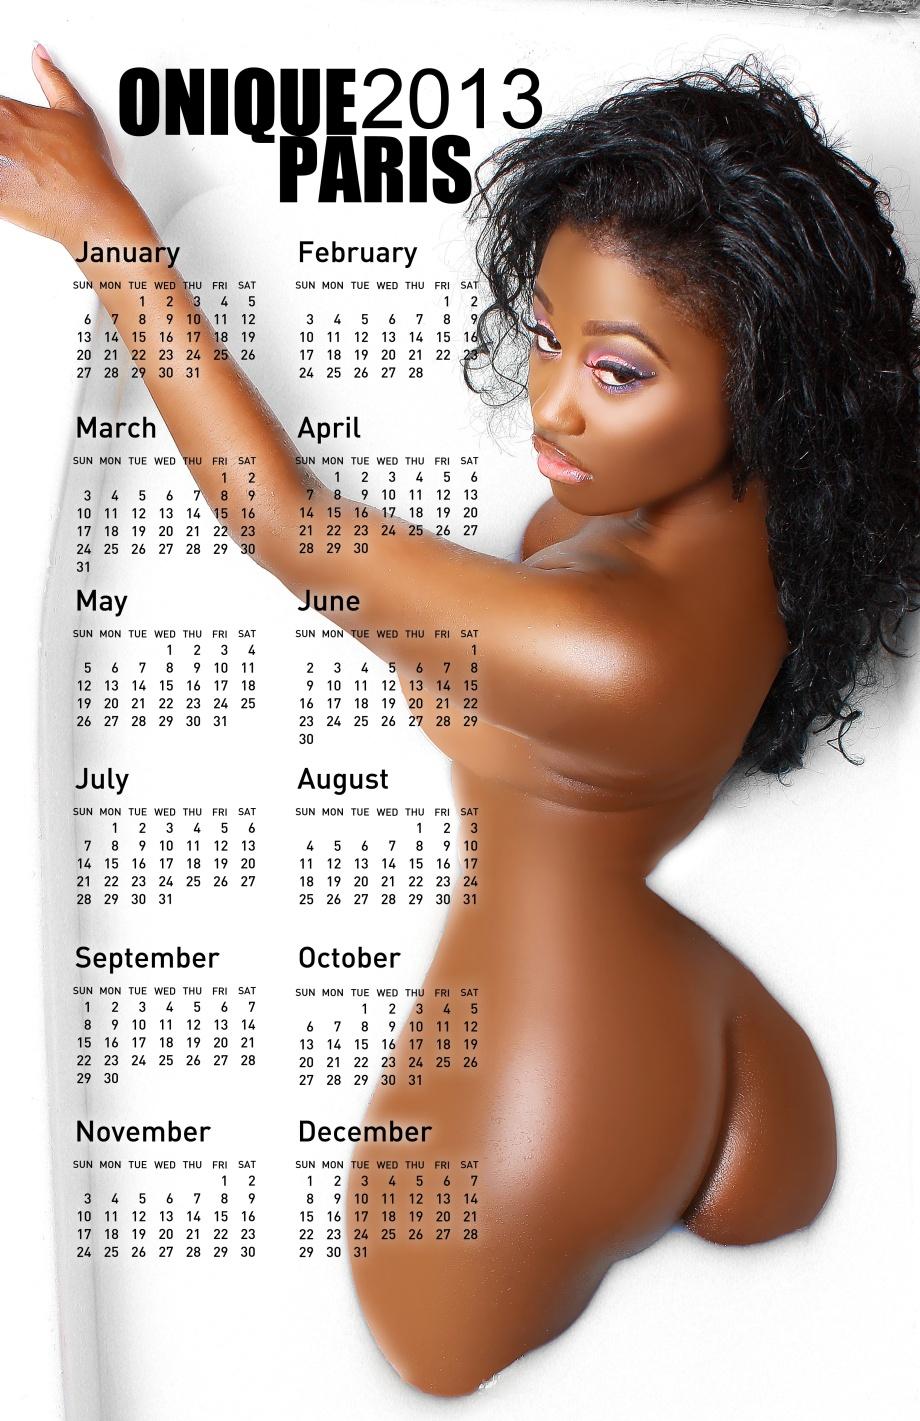 Onique Paris Calendars on Sale!